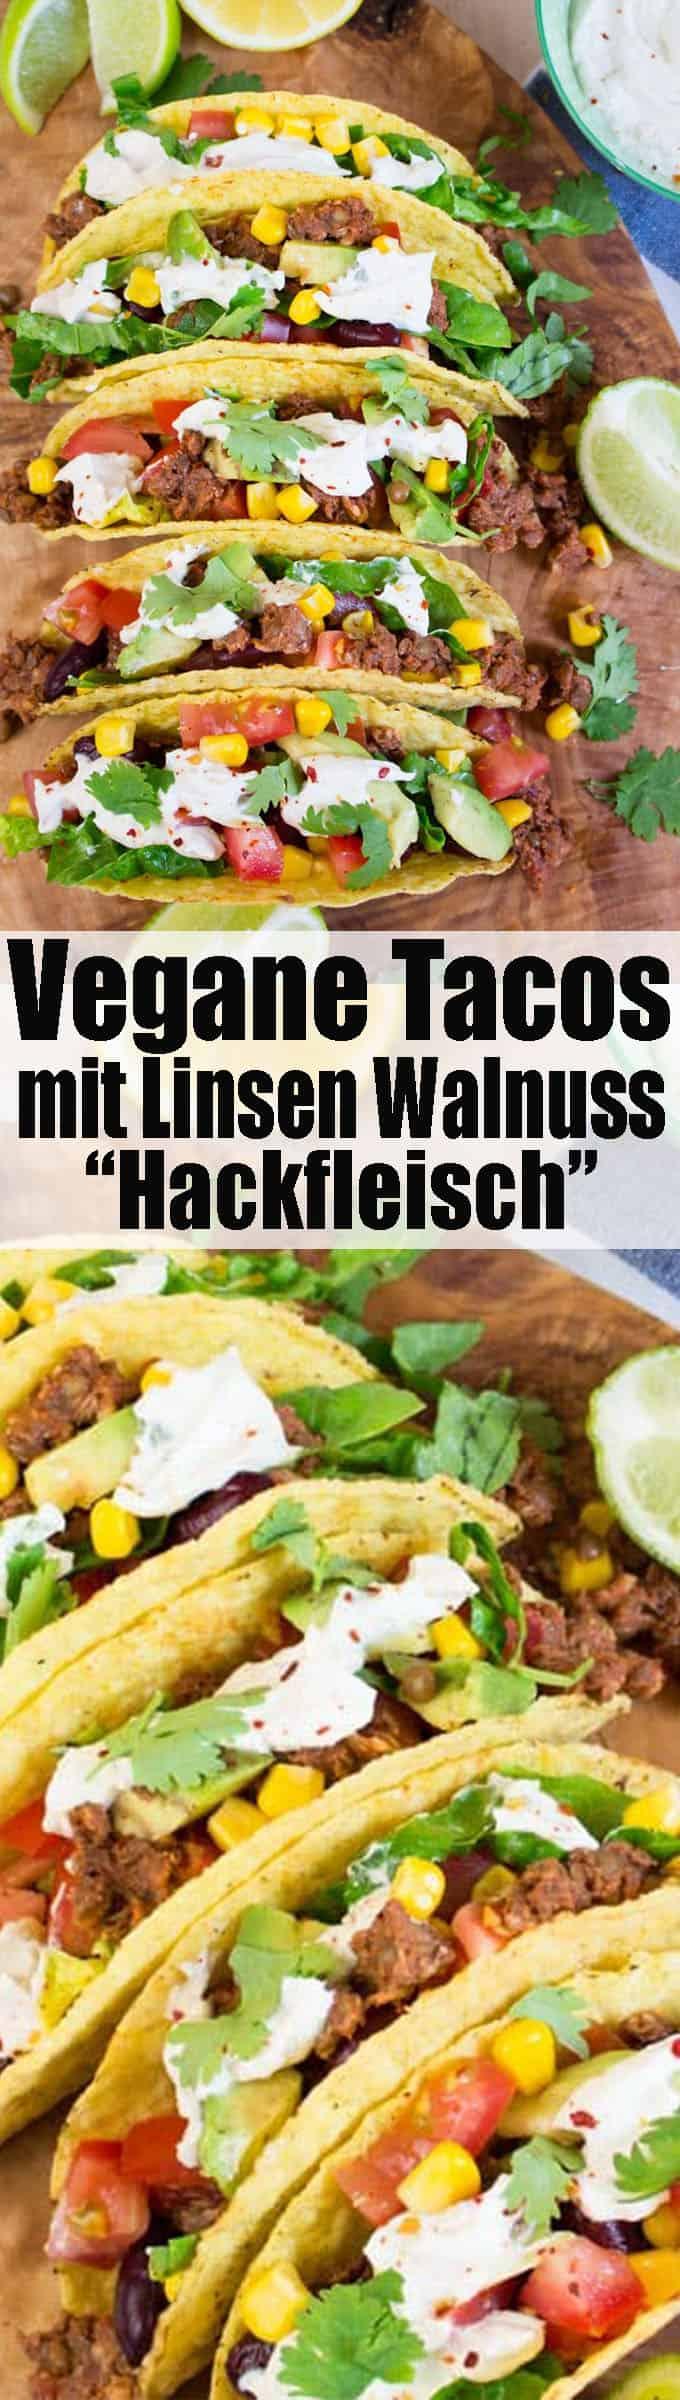 Super leckeres Rezept für vegane Tacos mit Linsen Walnuss